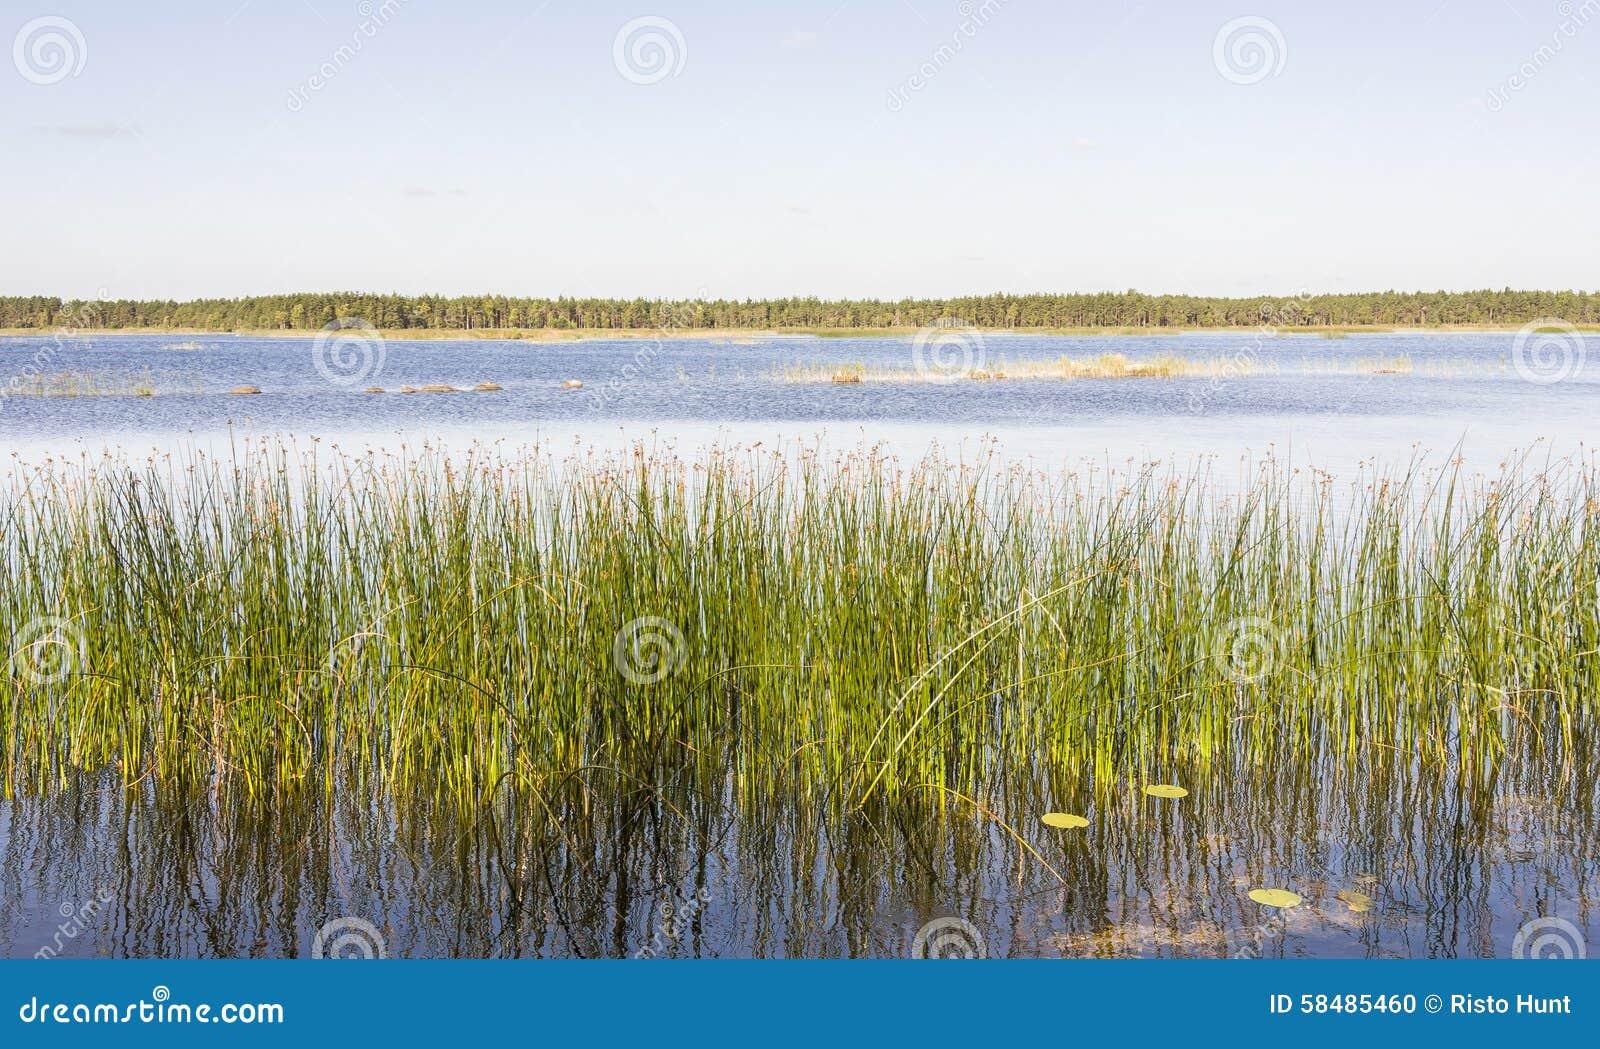 Panorama zielona płocha r w jeziorze